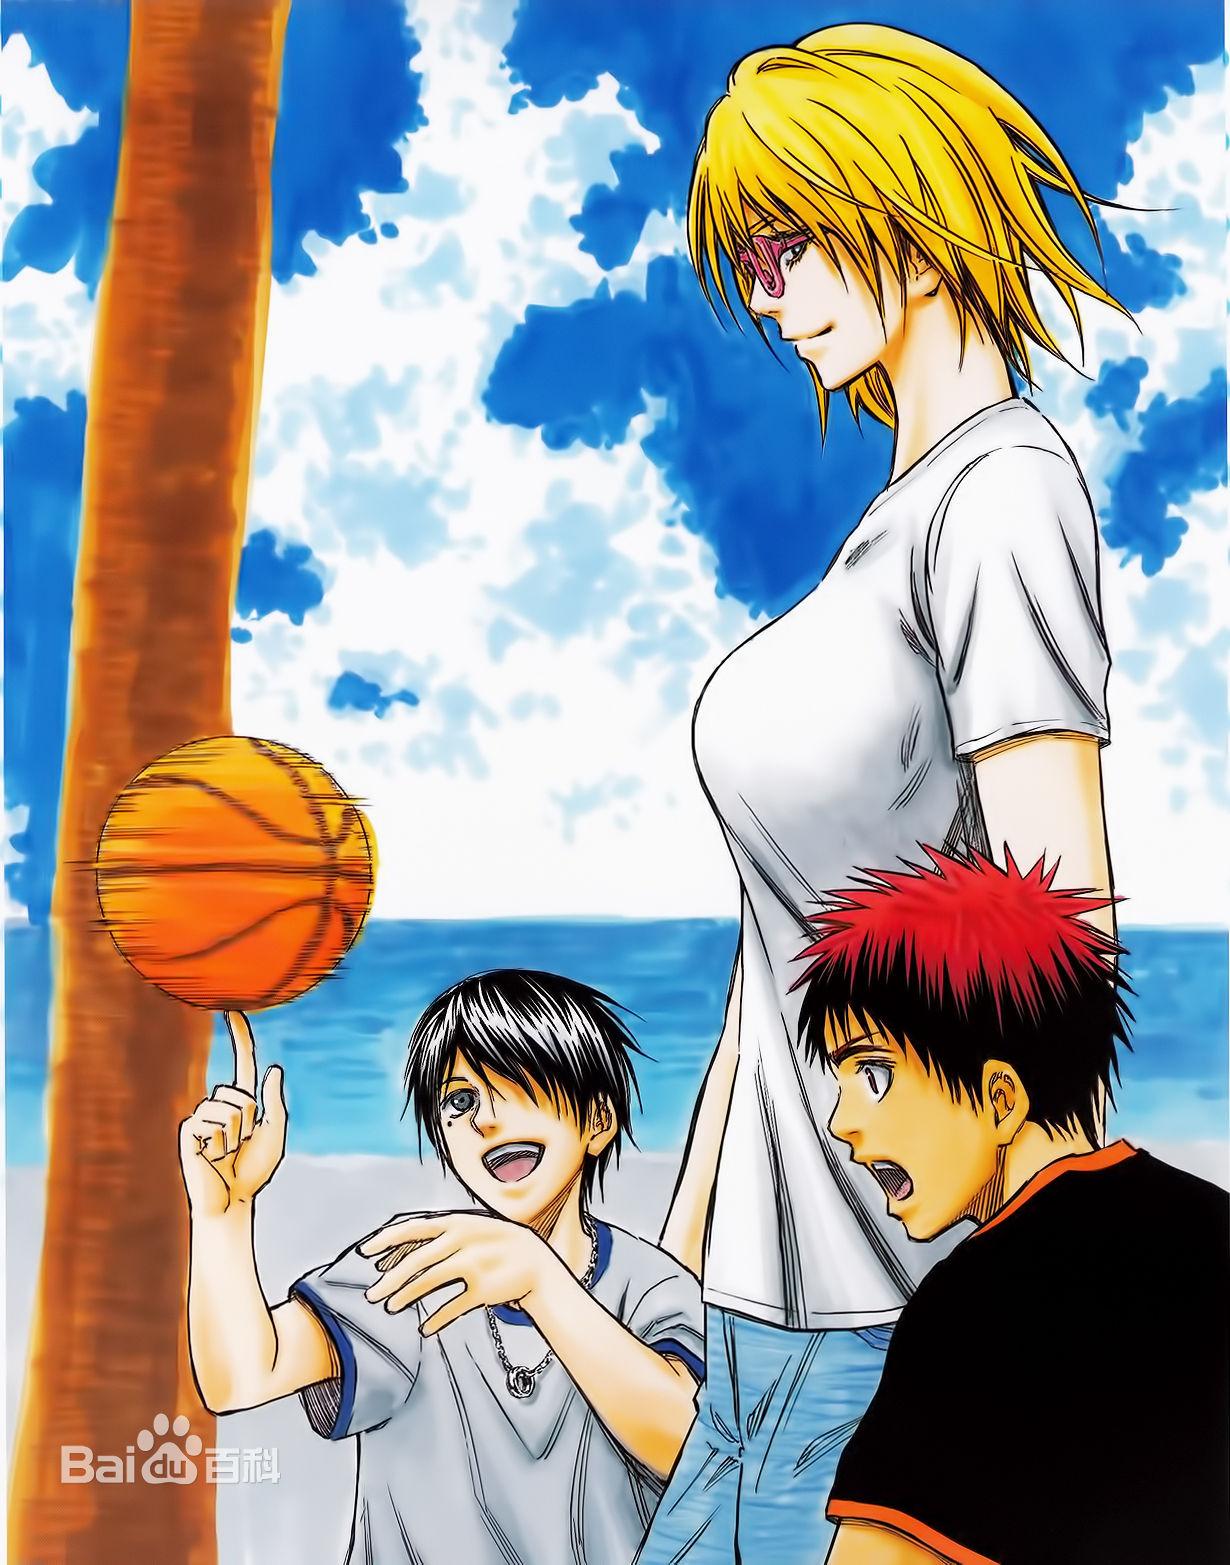 黑子的篮球19集预告里的那个金发女是谁